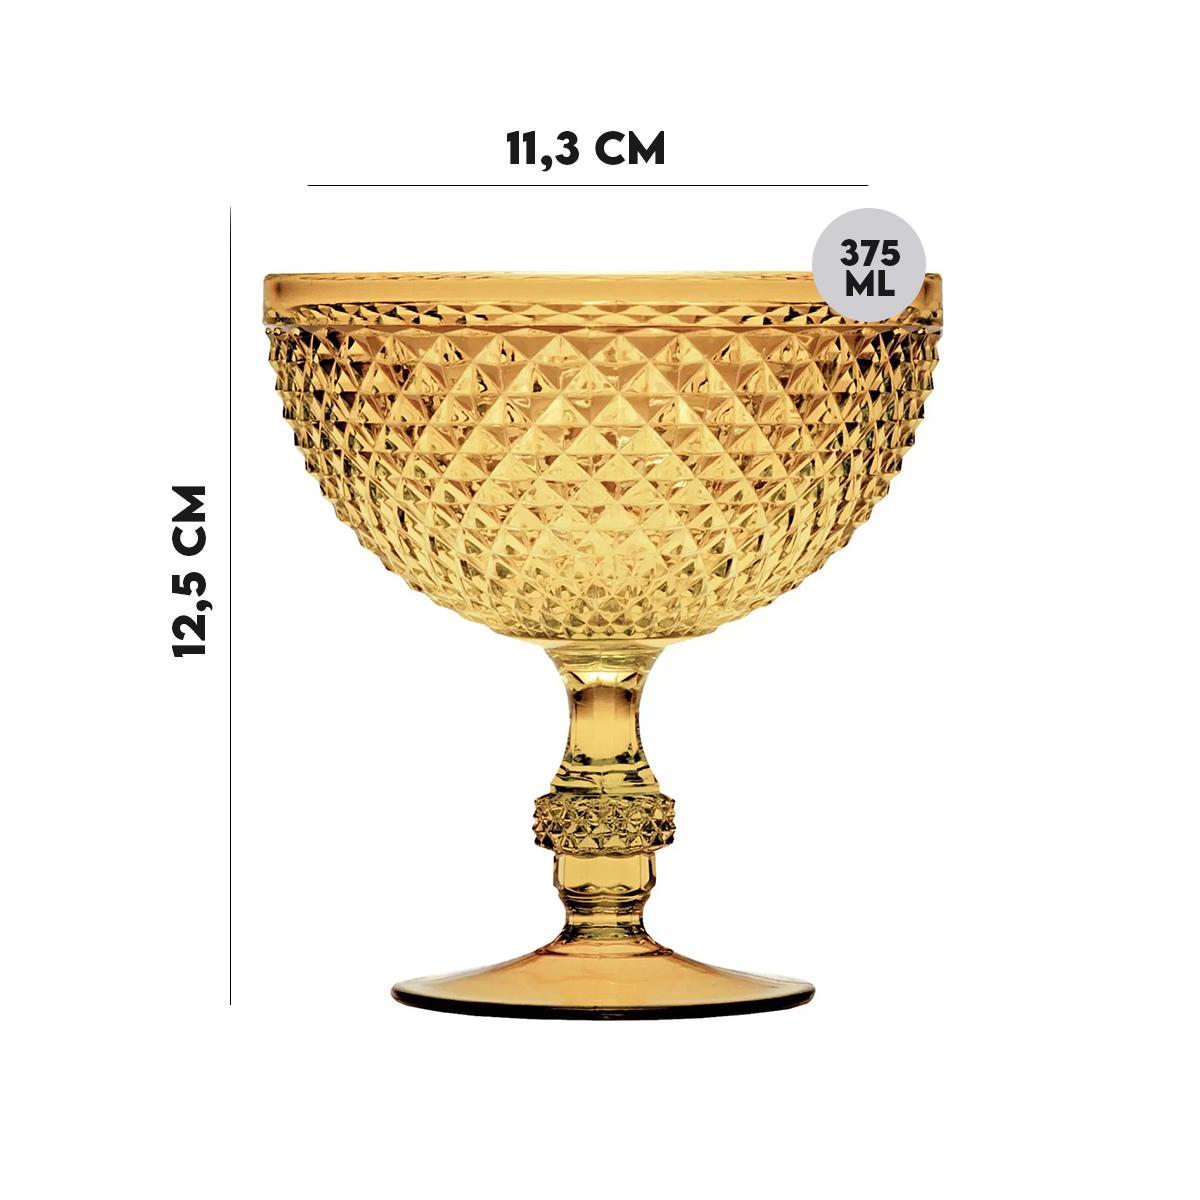 Jogo 8 Taças p/ Sorvete de Acrílico Âmbar Bon Gourmet 375ml  - Lemis